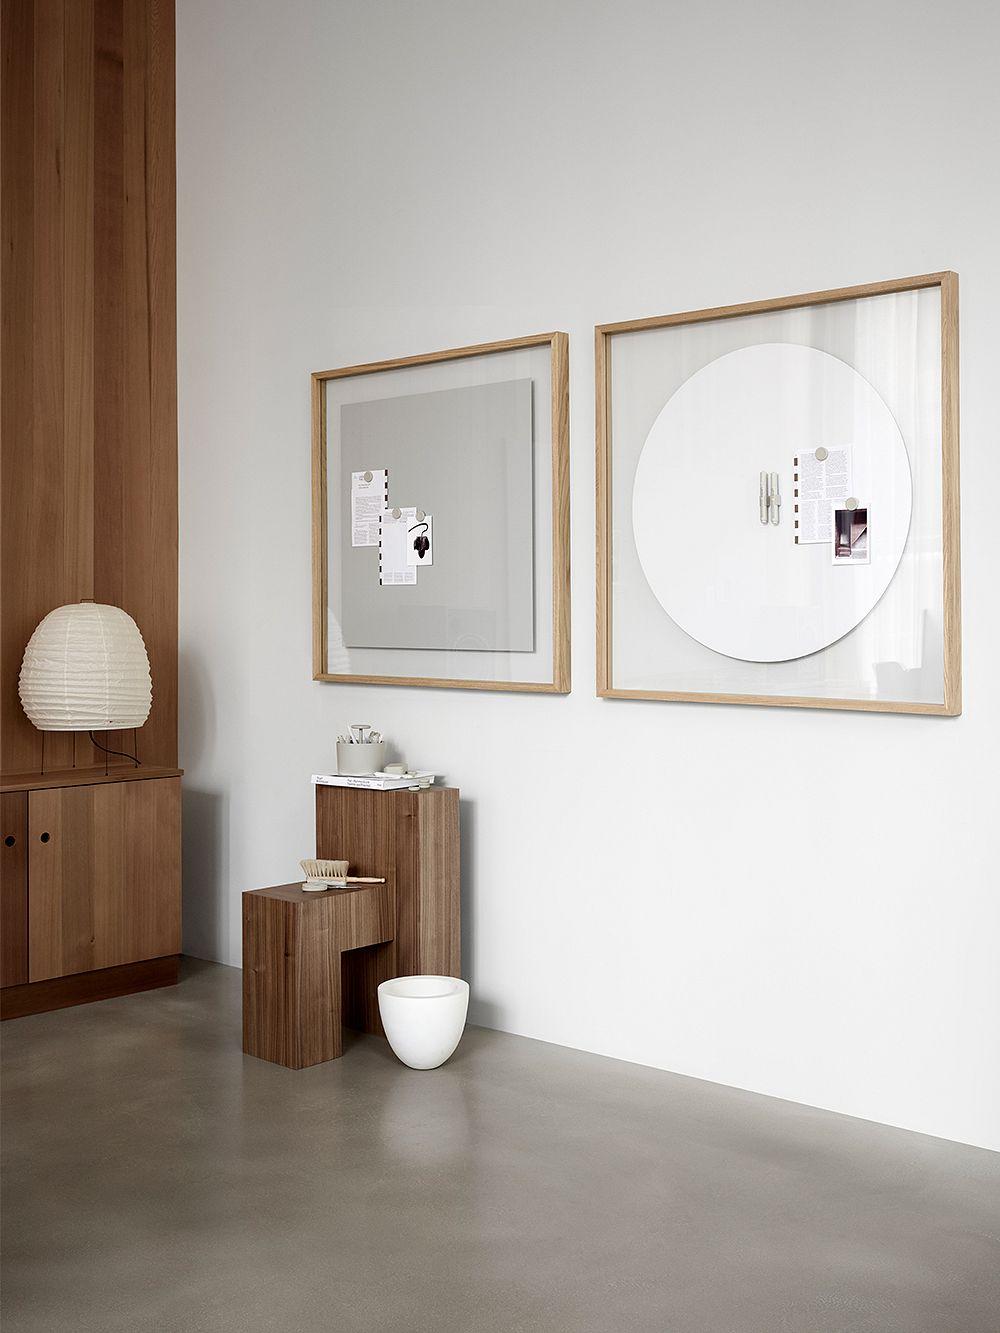 Lintex A01 glassboard